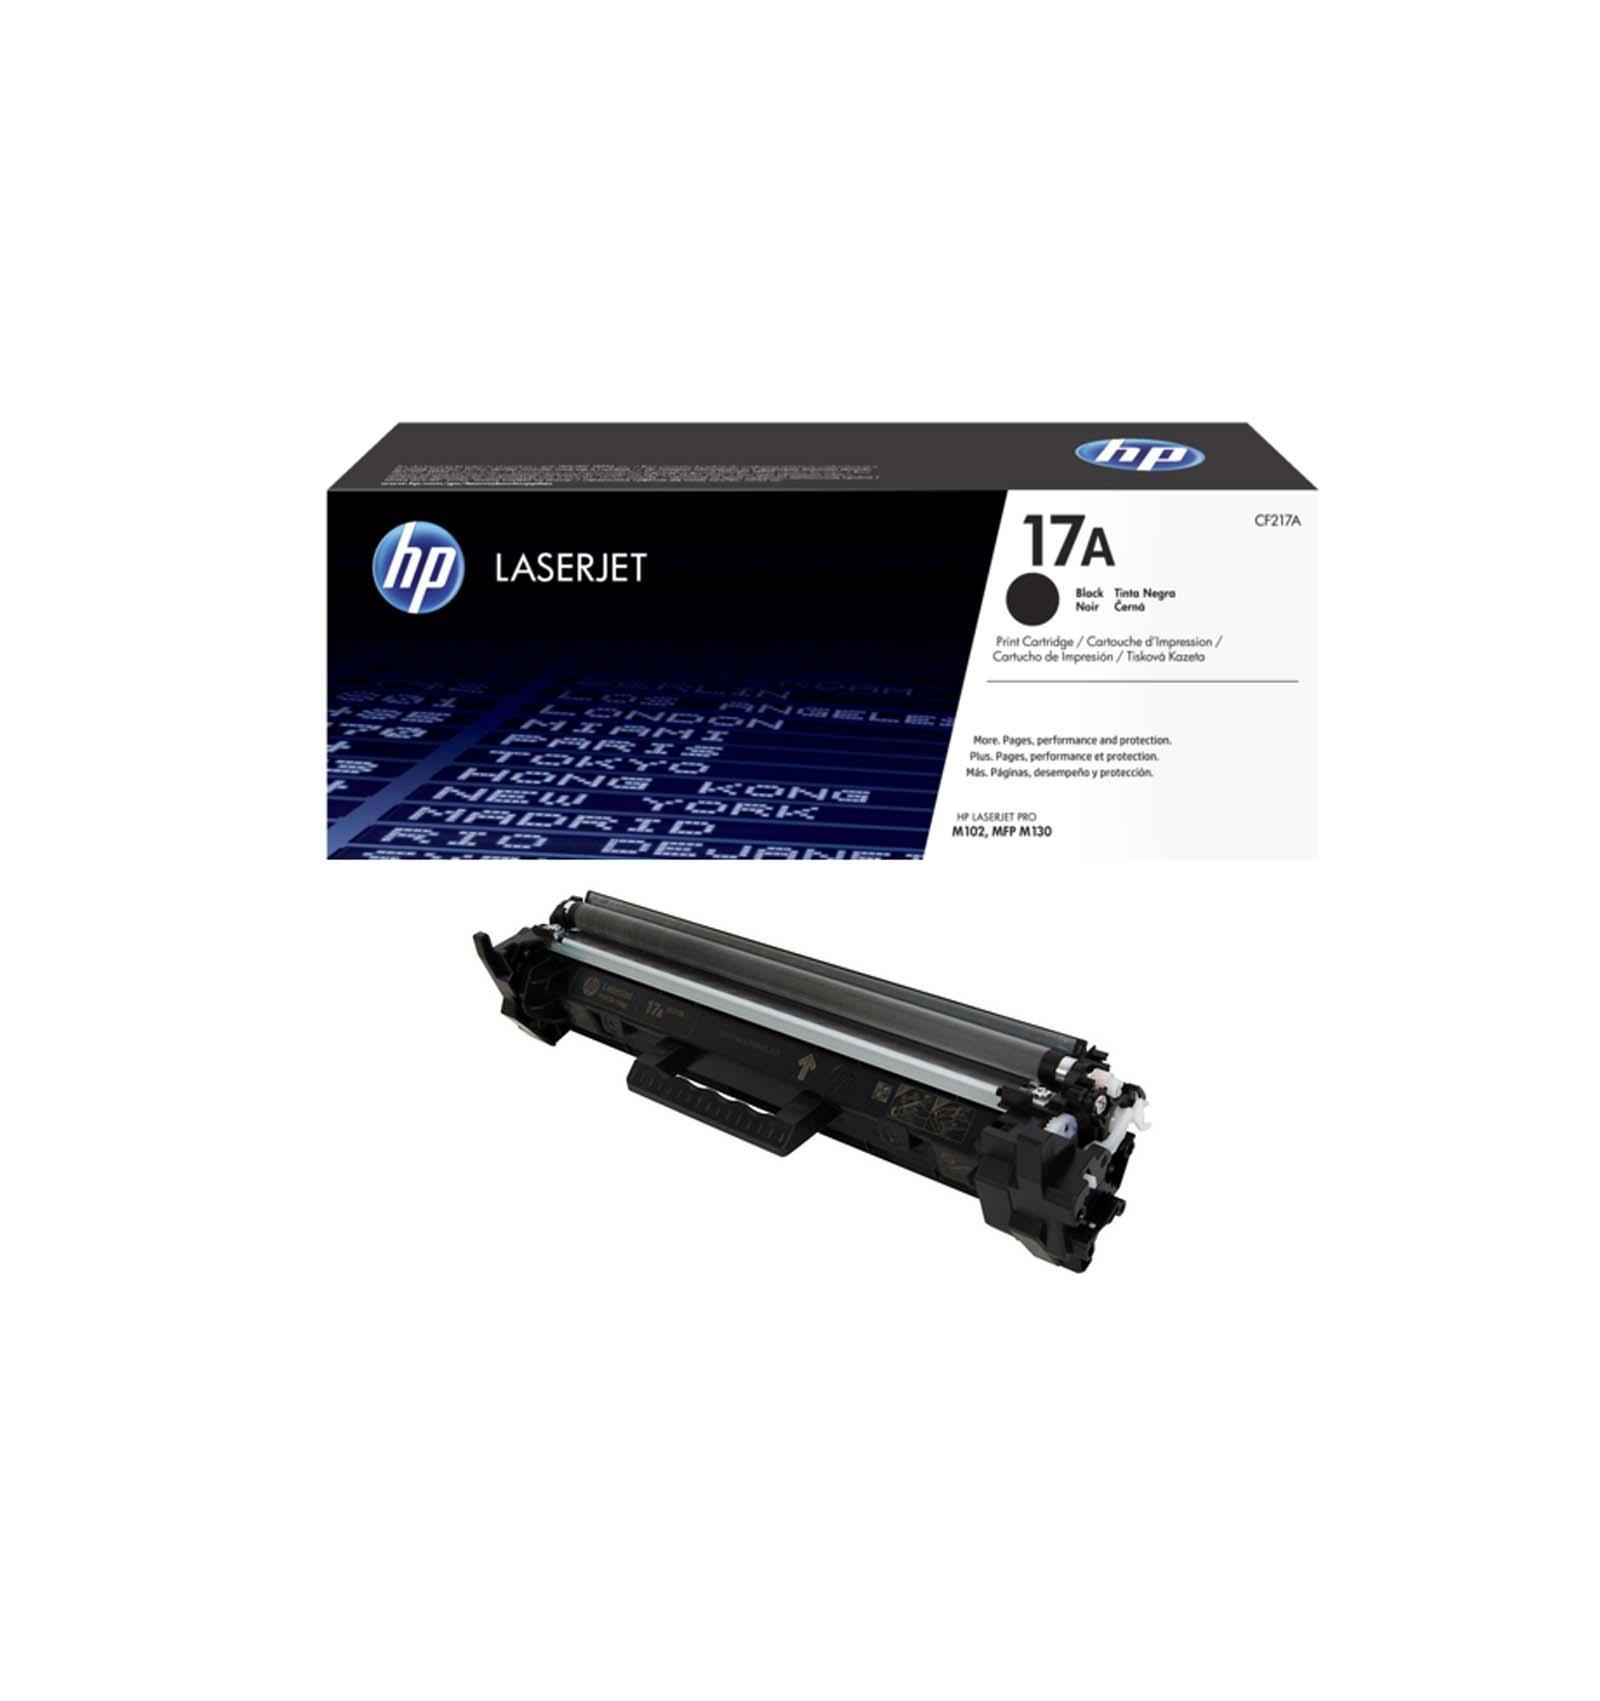 Заправка картриджа HP CF217A (17A) для HP LaserJet M102/M130